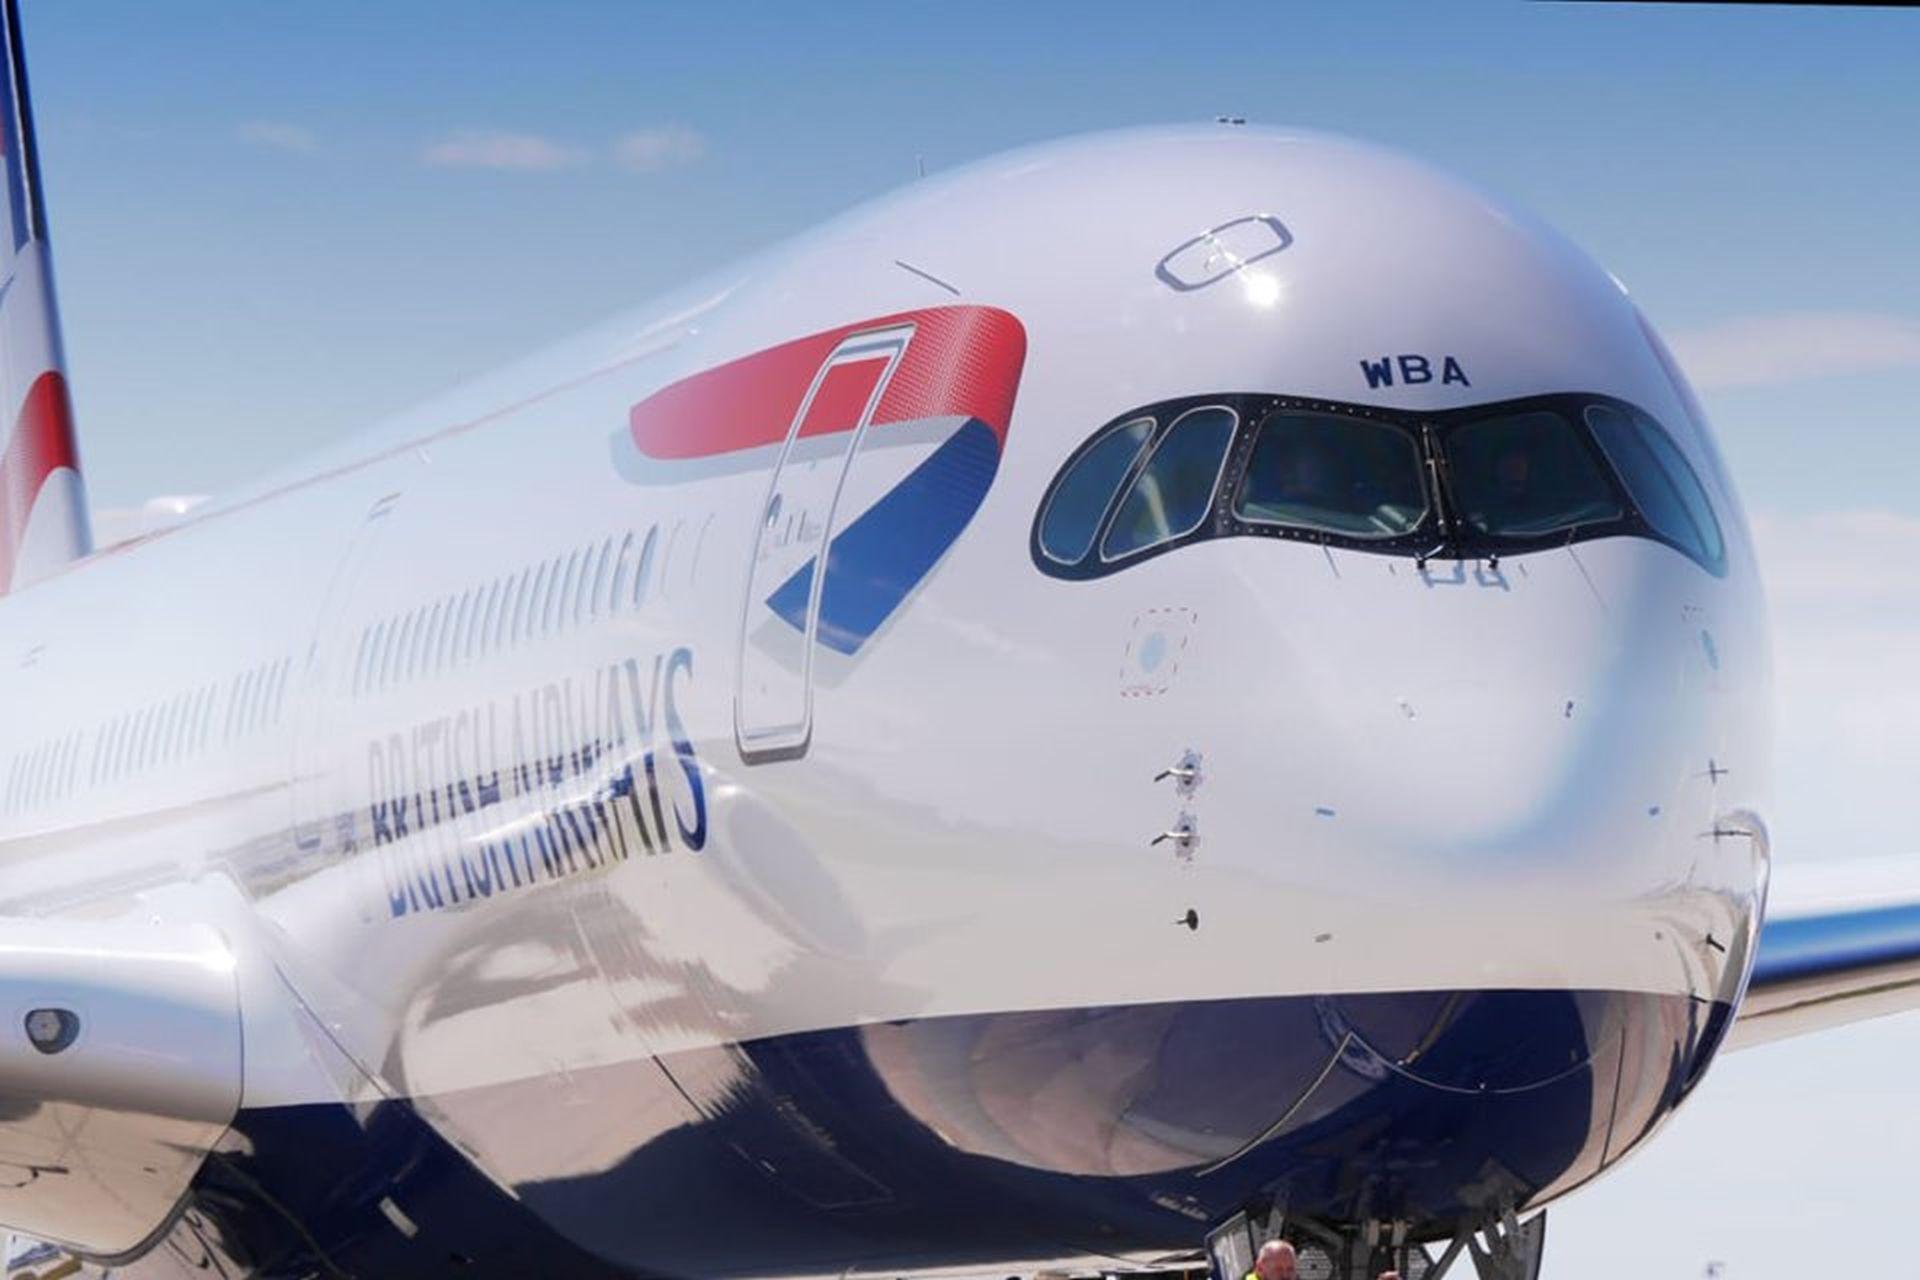 Nový Airbus A350-1000 v barvách British Airways. Foto: Samchui.com/Flyrosta.com